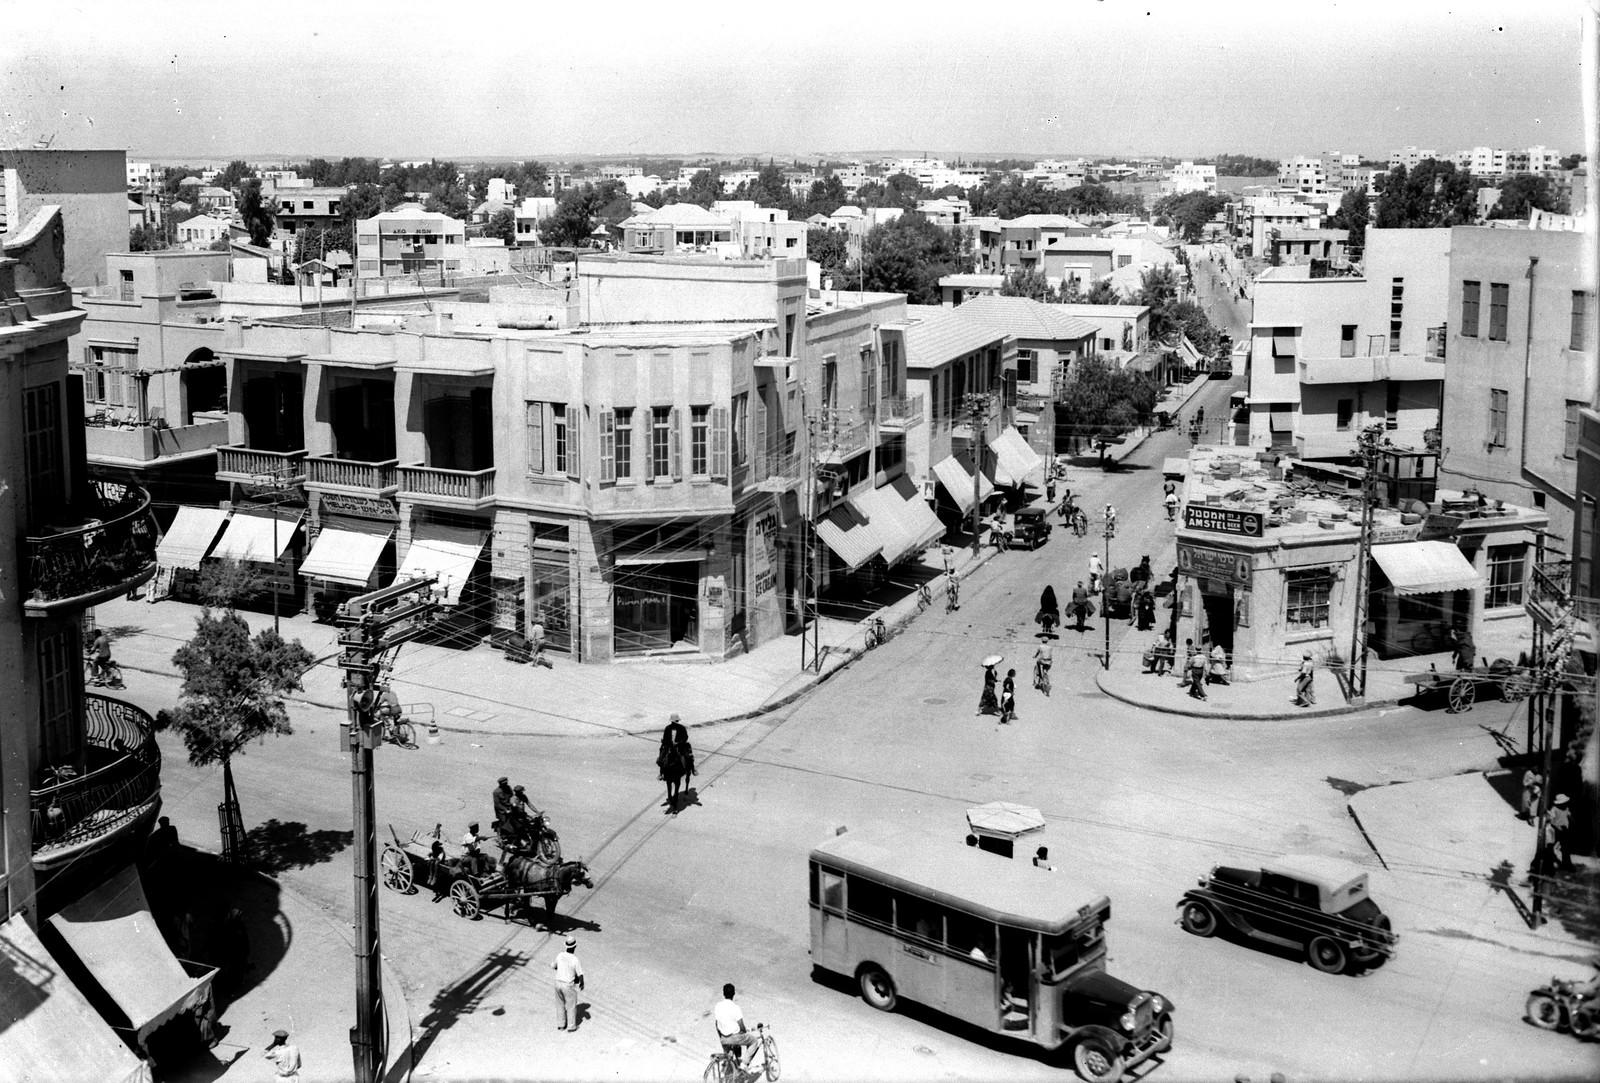 03. 1934. Перекресток улиц Шенкин, Алленби и Кинг Джордж